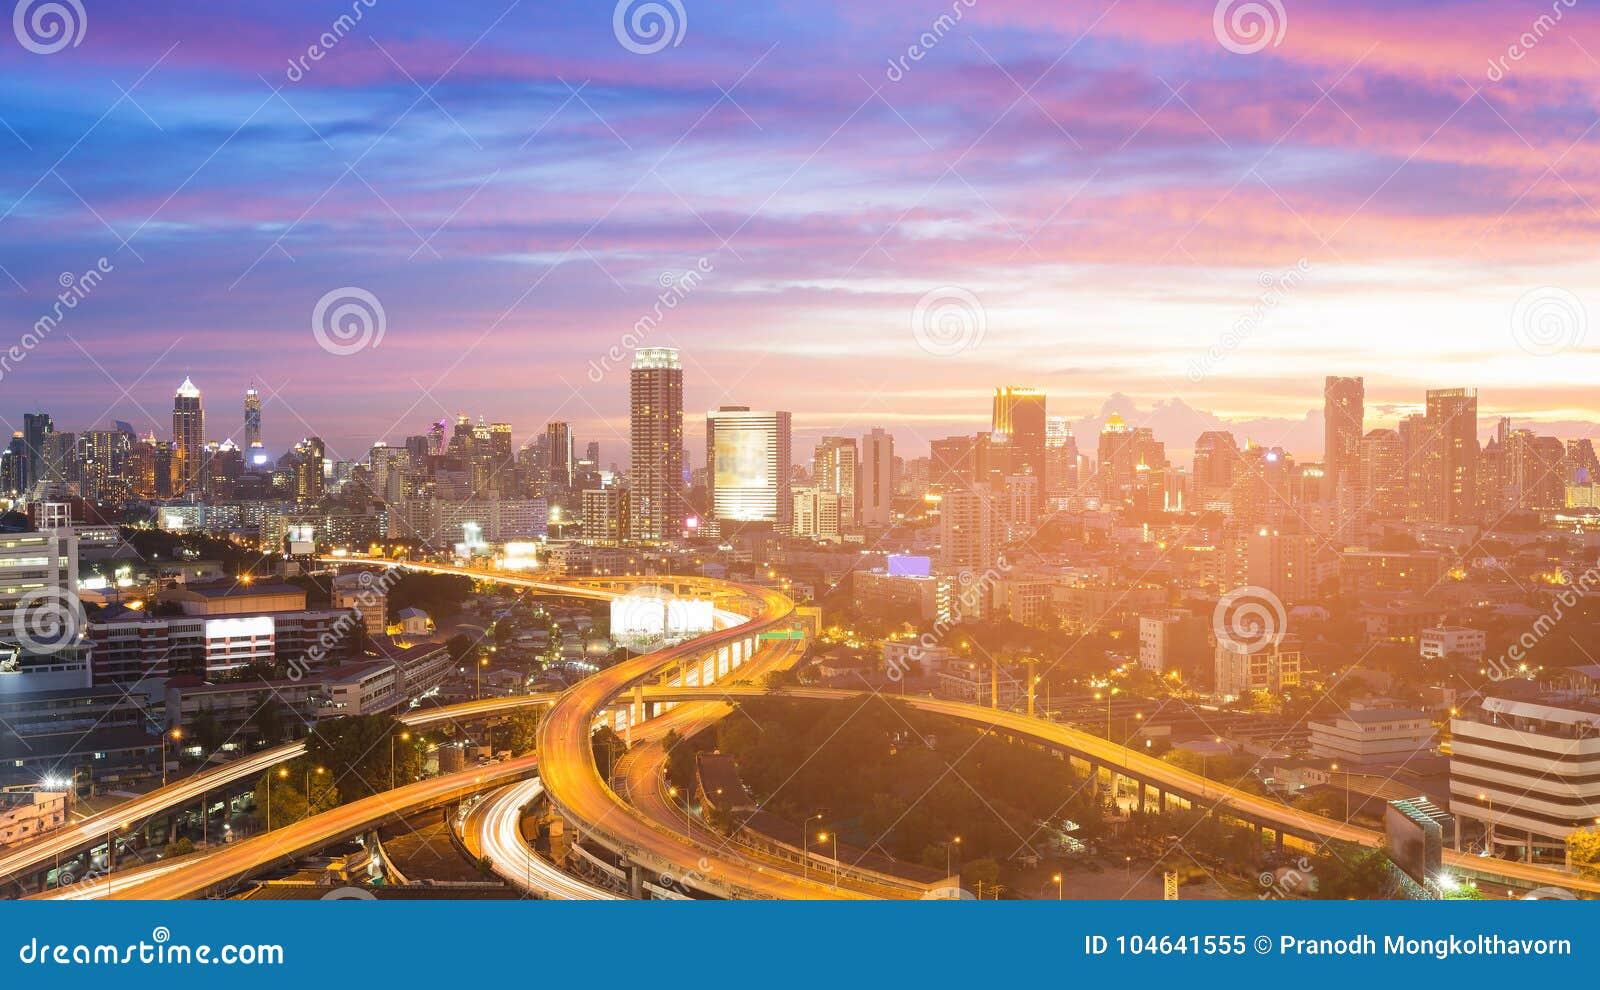 Download Stad En Wegkruising Met Mooi Na Zonsonderganghemel Stock Afbeelding - Afbeelding bestaande uit snel, achtergrond: 104641555